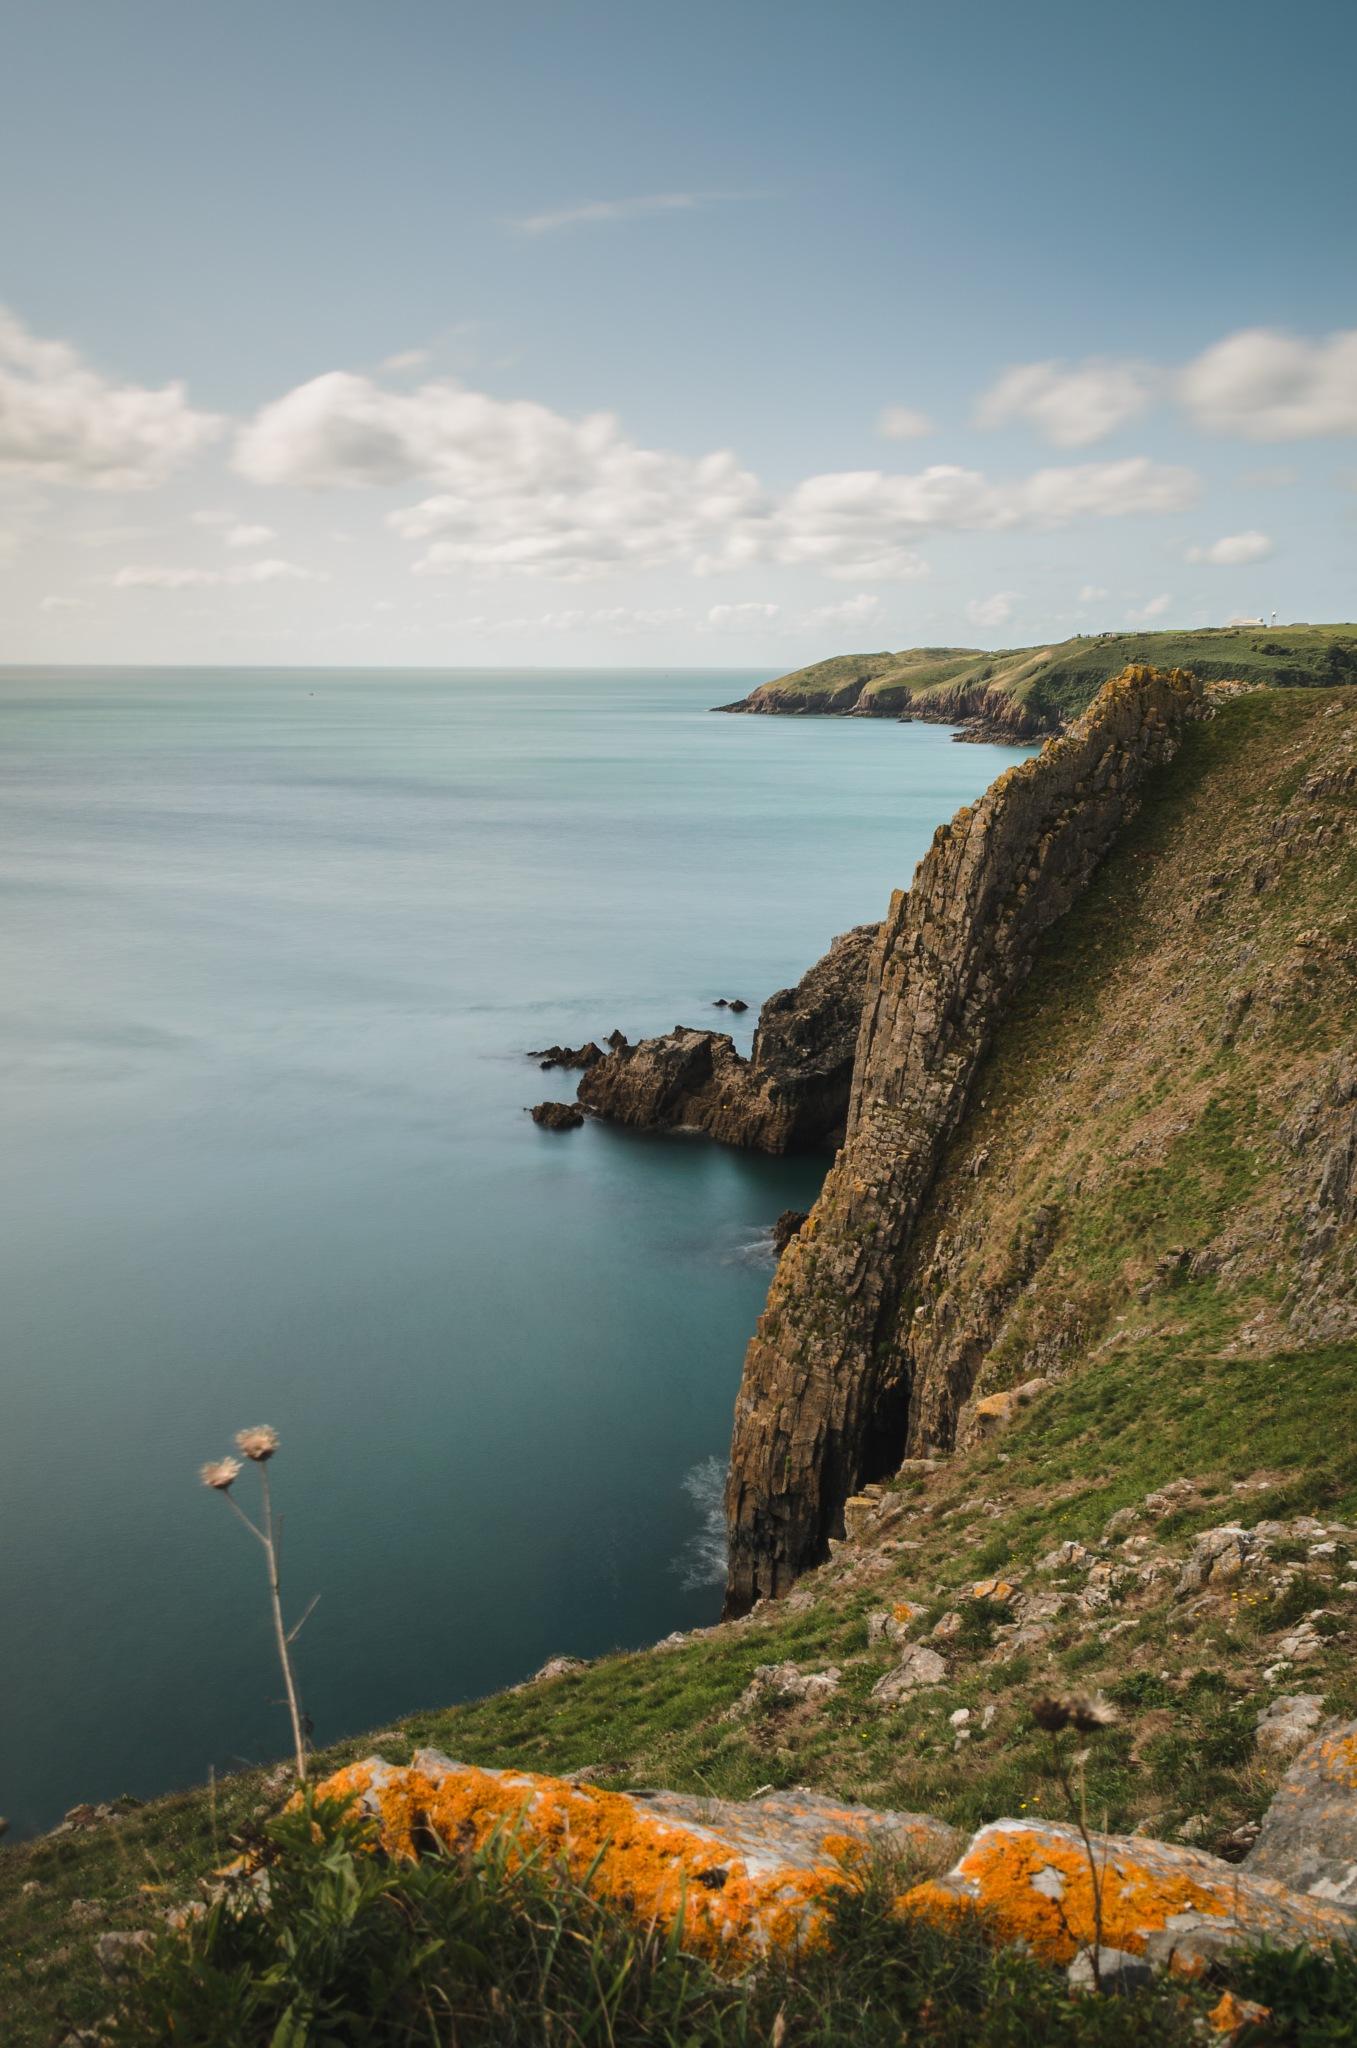 Cliffs of Pembrokeshire by Lukas Willke